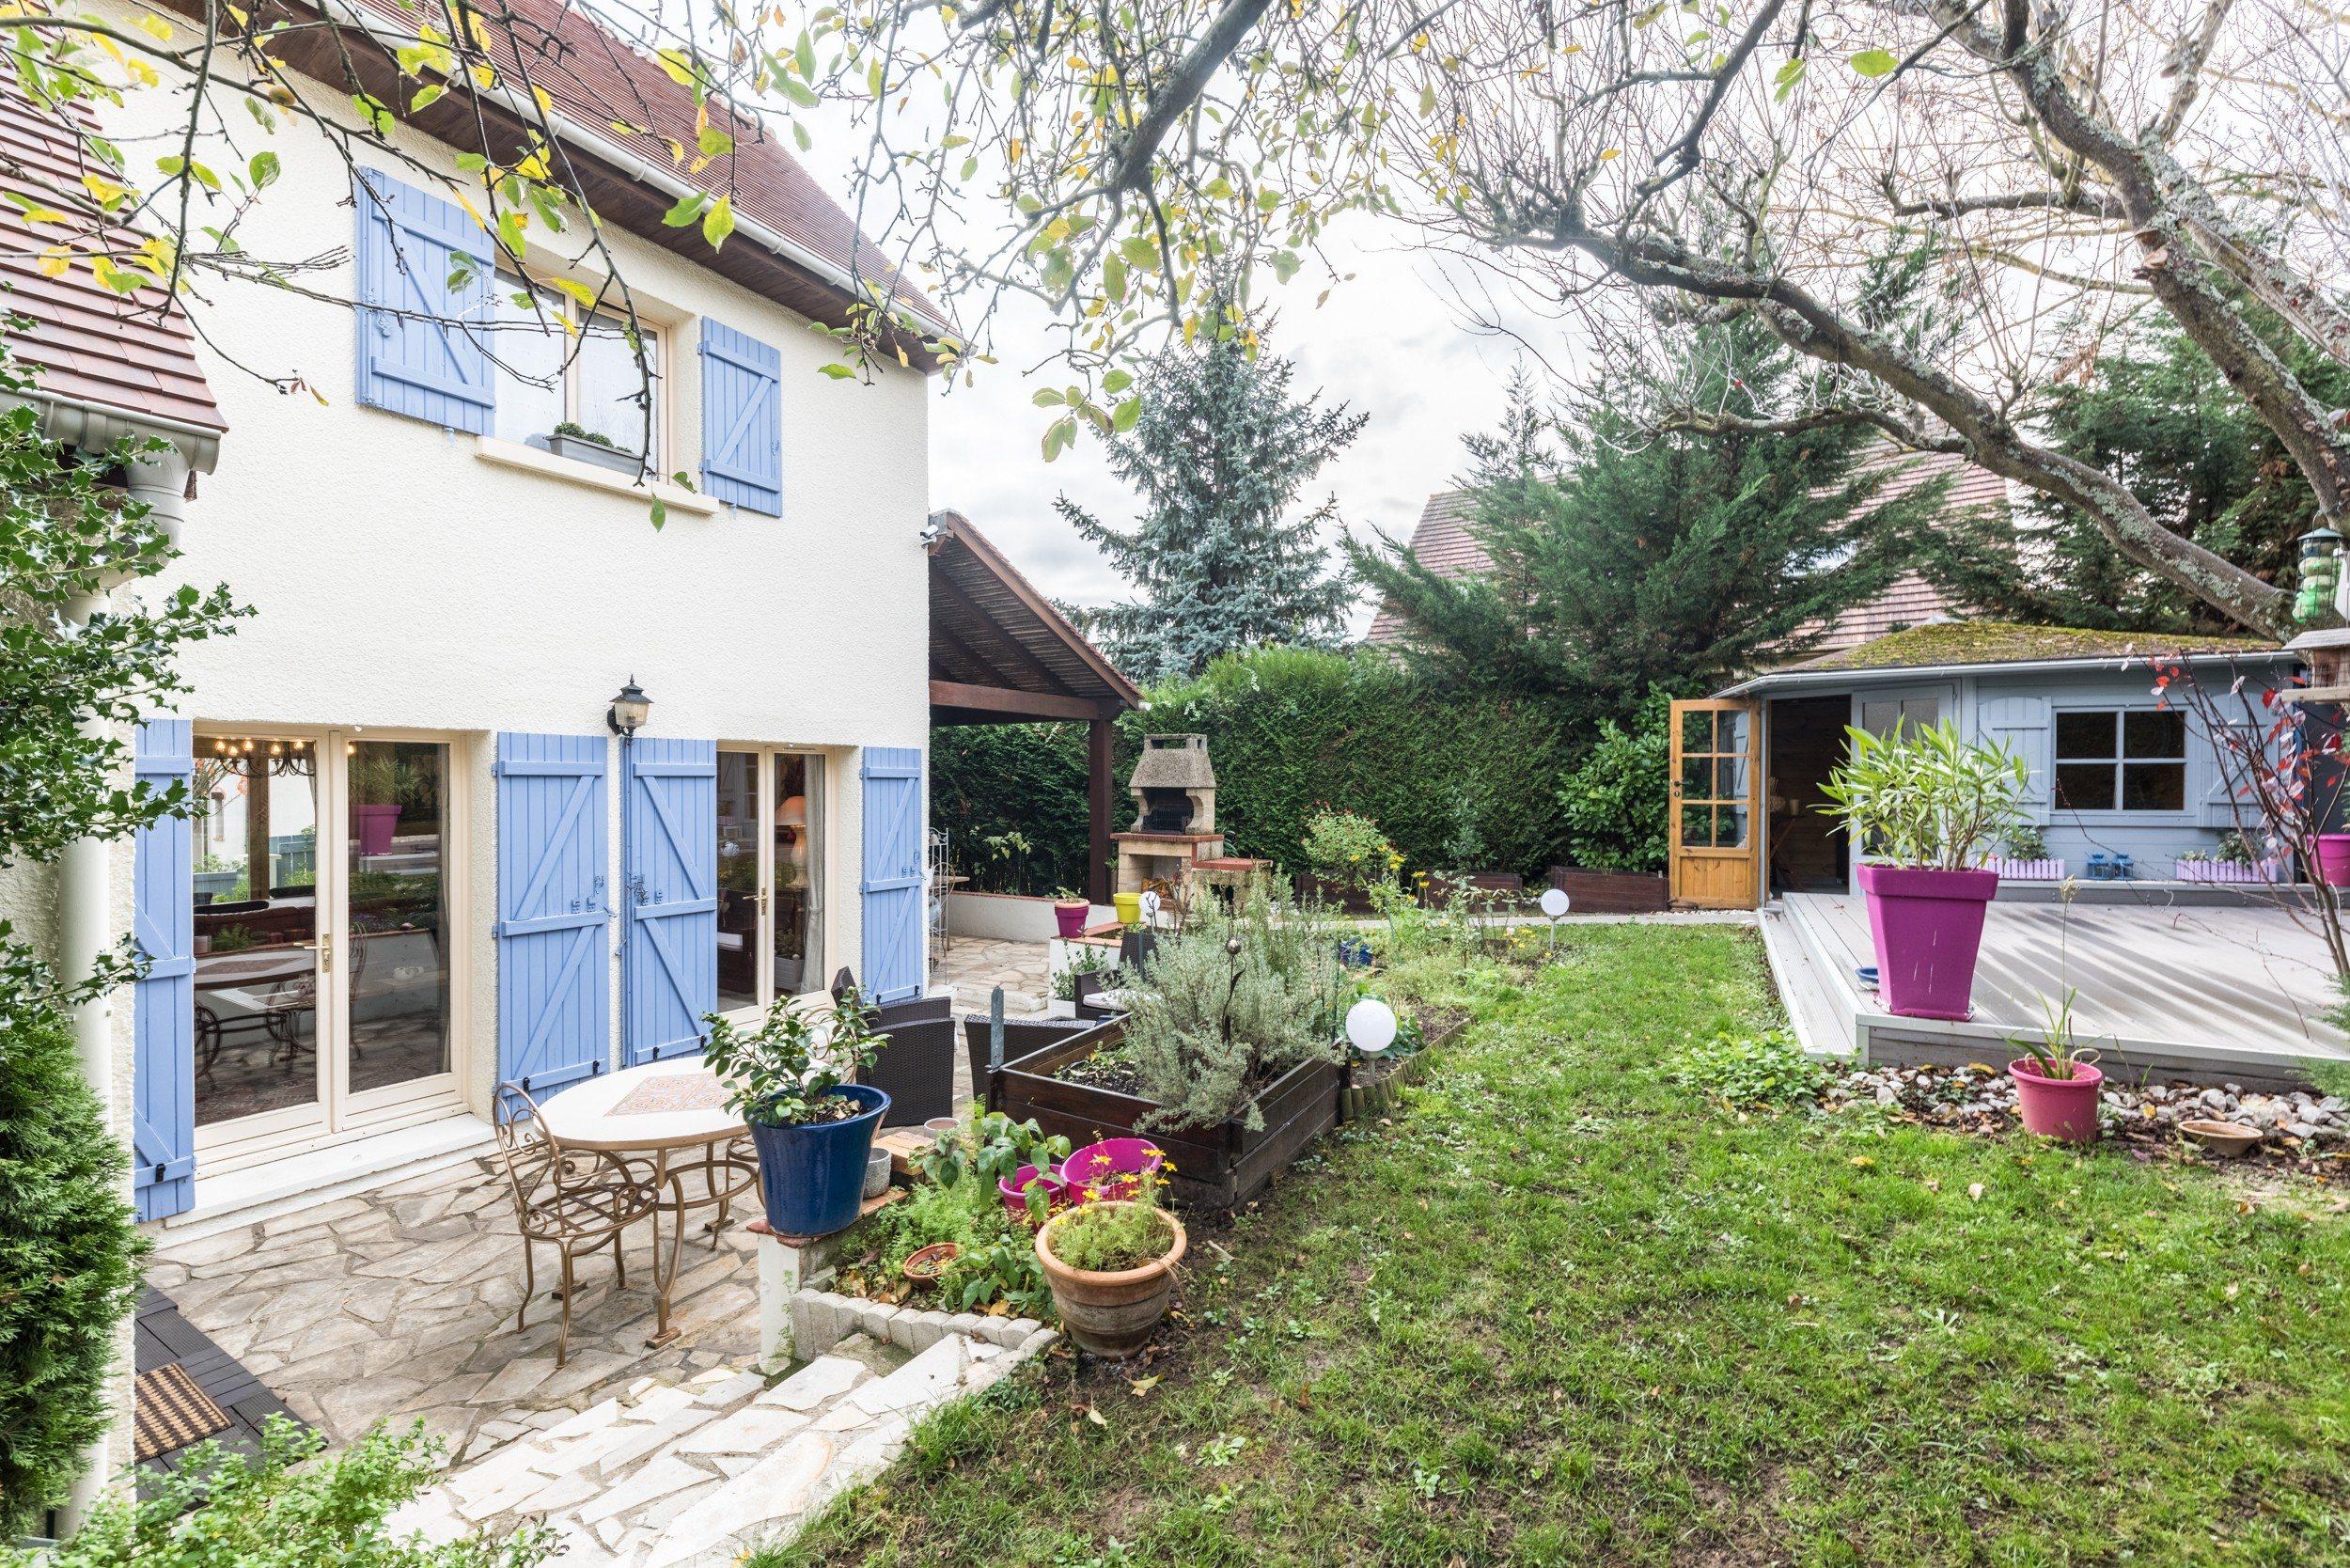 Saint Germain en Laye – Sous-préfecture – Maison familiale 6p – Jardin – Terrasses – Pkgs